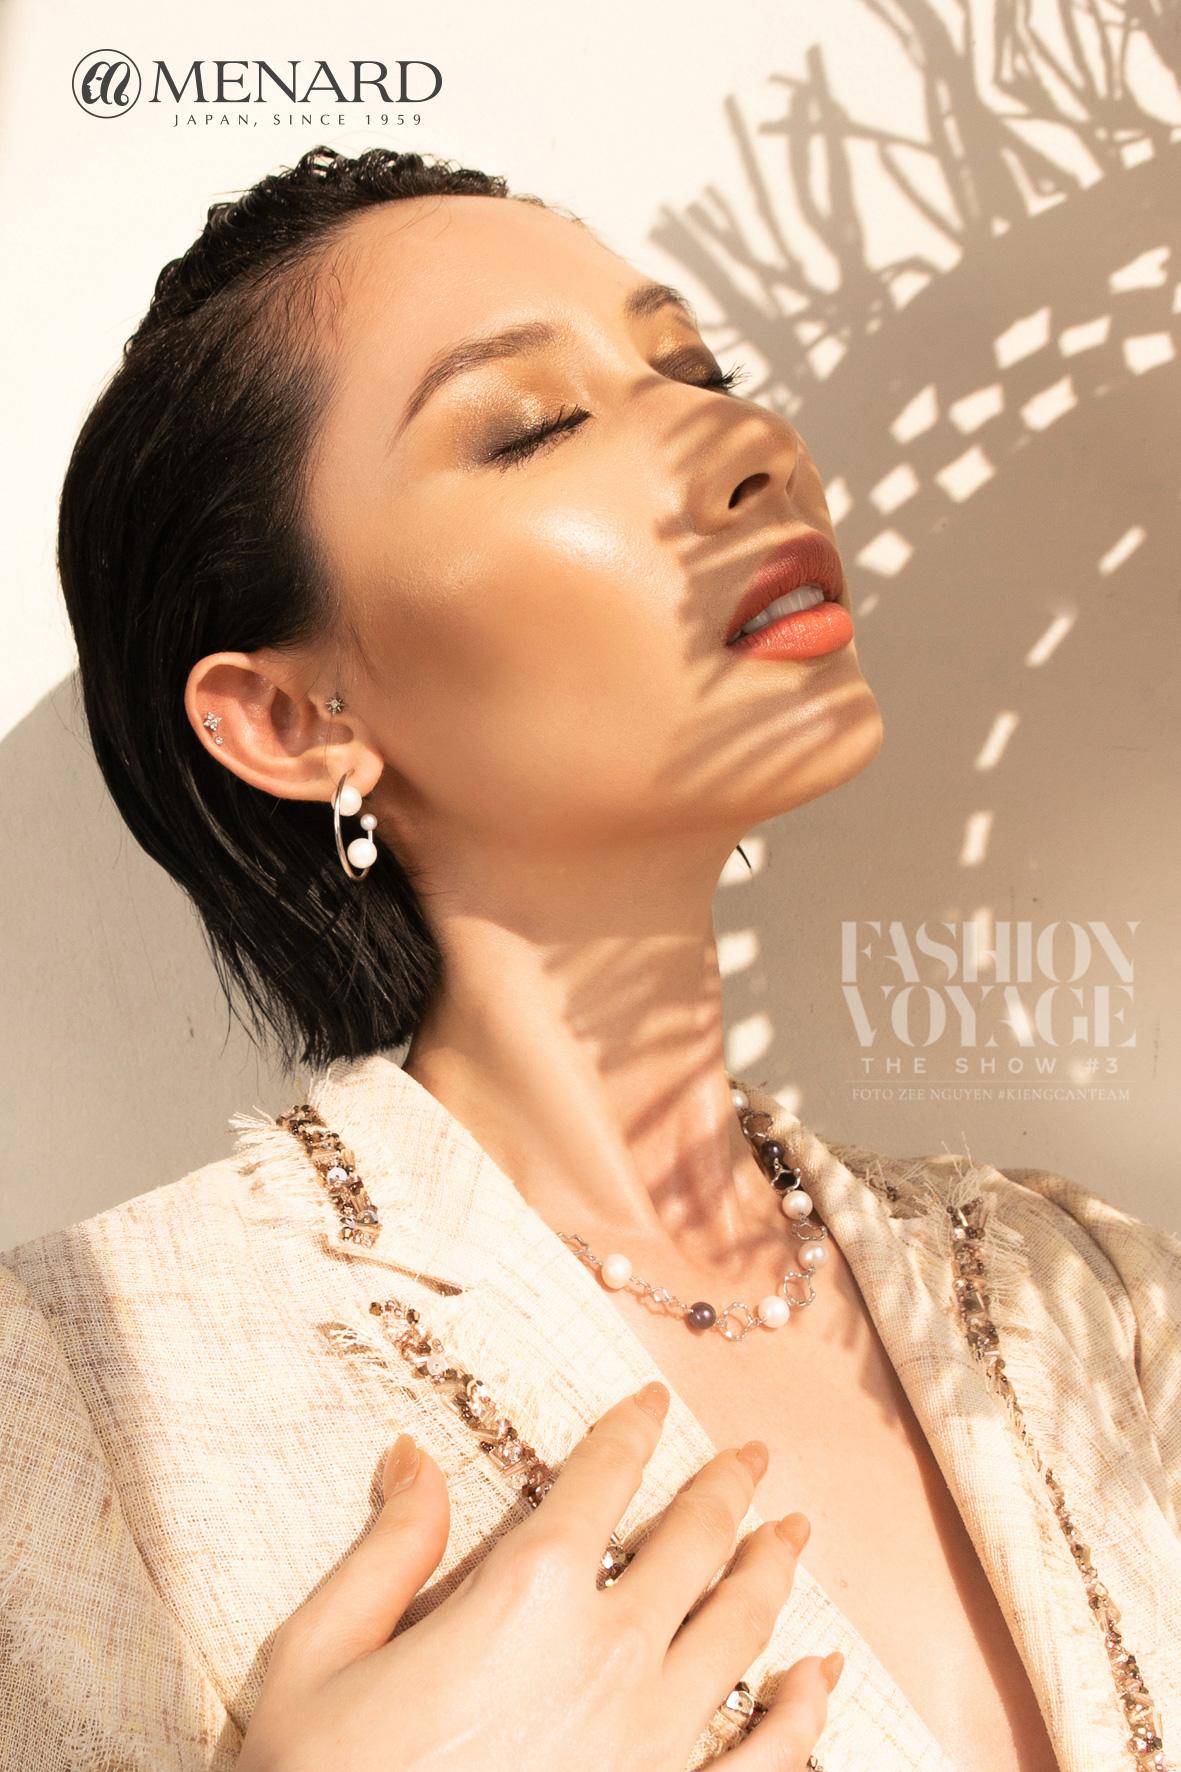 Fashion Voyage #3: Nghệ thuật trang điểm đánh thức khát vọng vẻ đẹp đích thực - Ảnh 5.